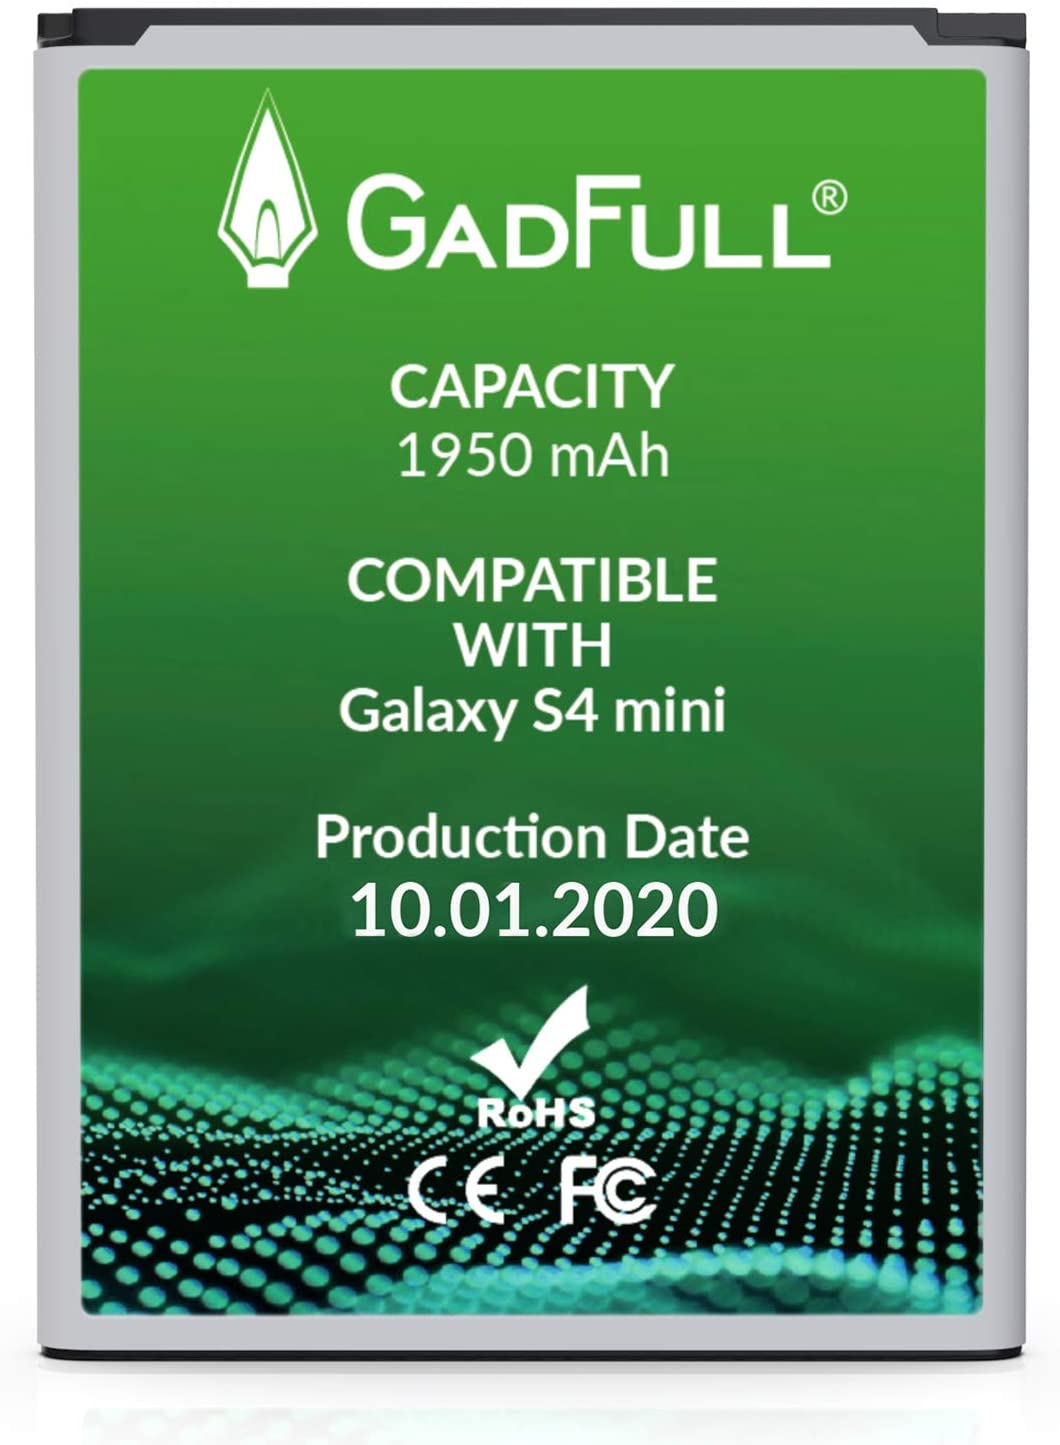 GadFull Batería de reemplazo para Samsung Galaxy S4 Mini   2020 Fecha de producción   Corresponde al Original B500BE   Compatible con S4 Mini i9190  S4 Mini Dual SIM i9192  S4 Mini LTE i9195